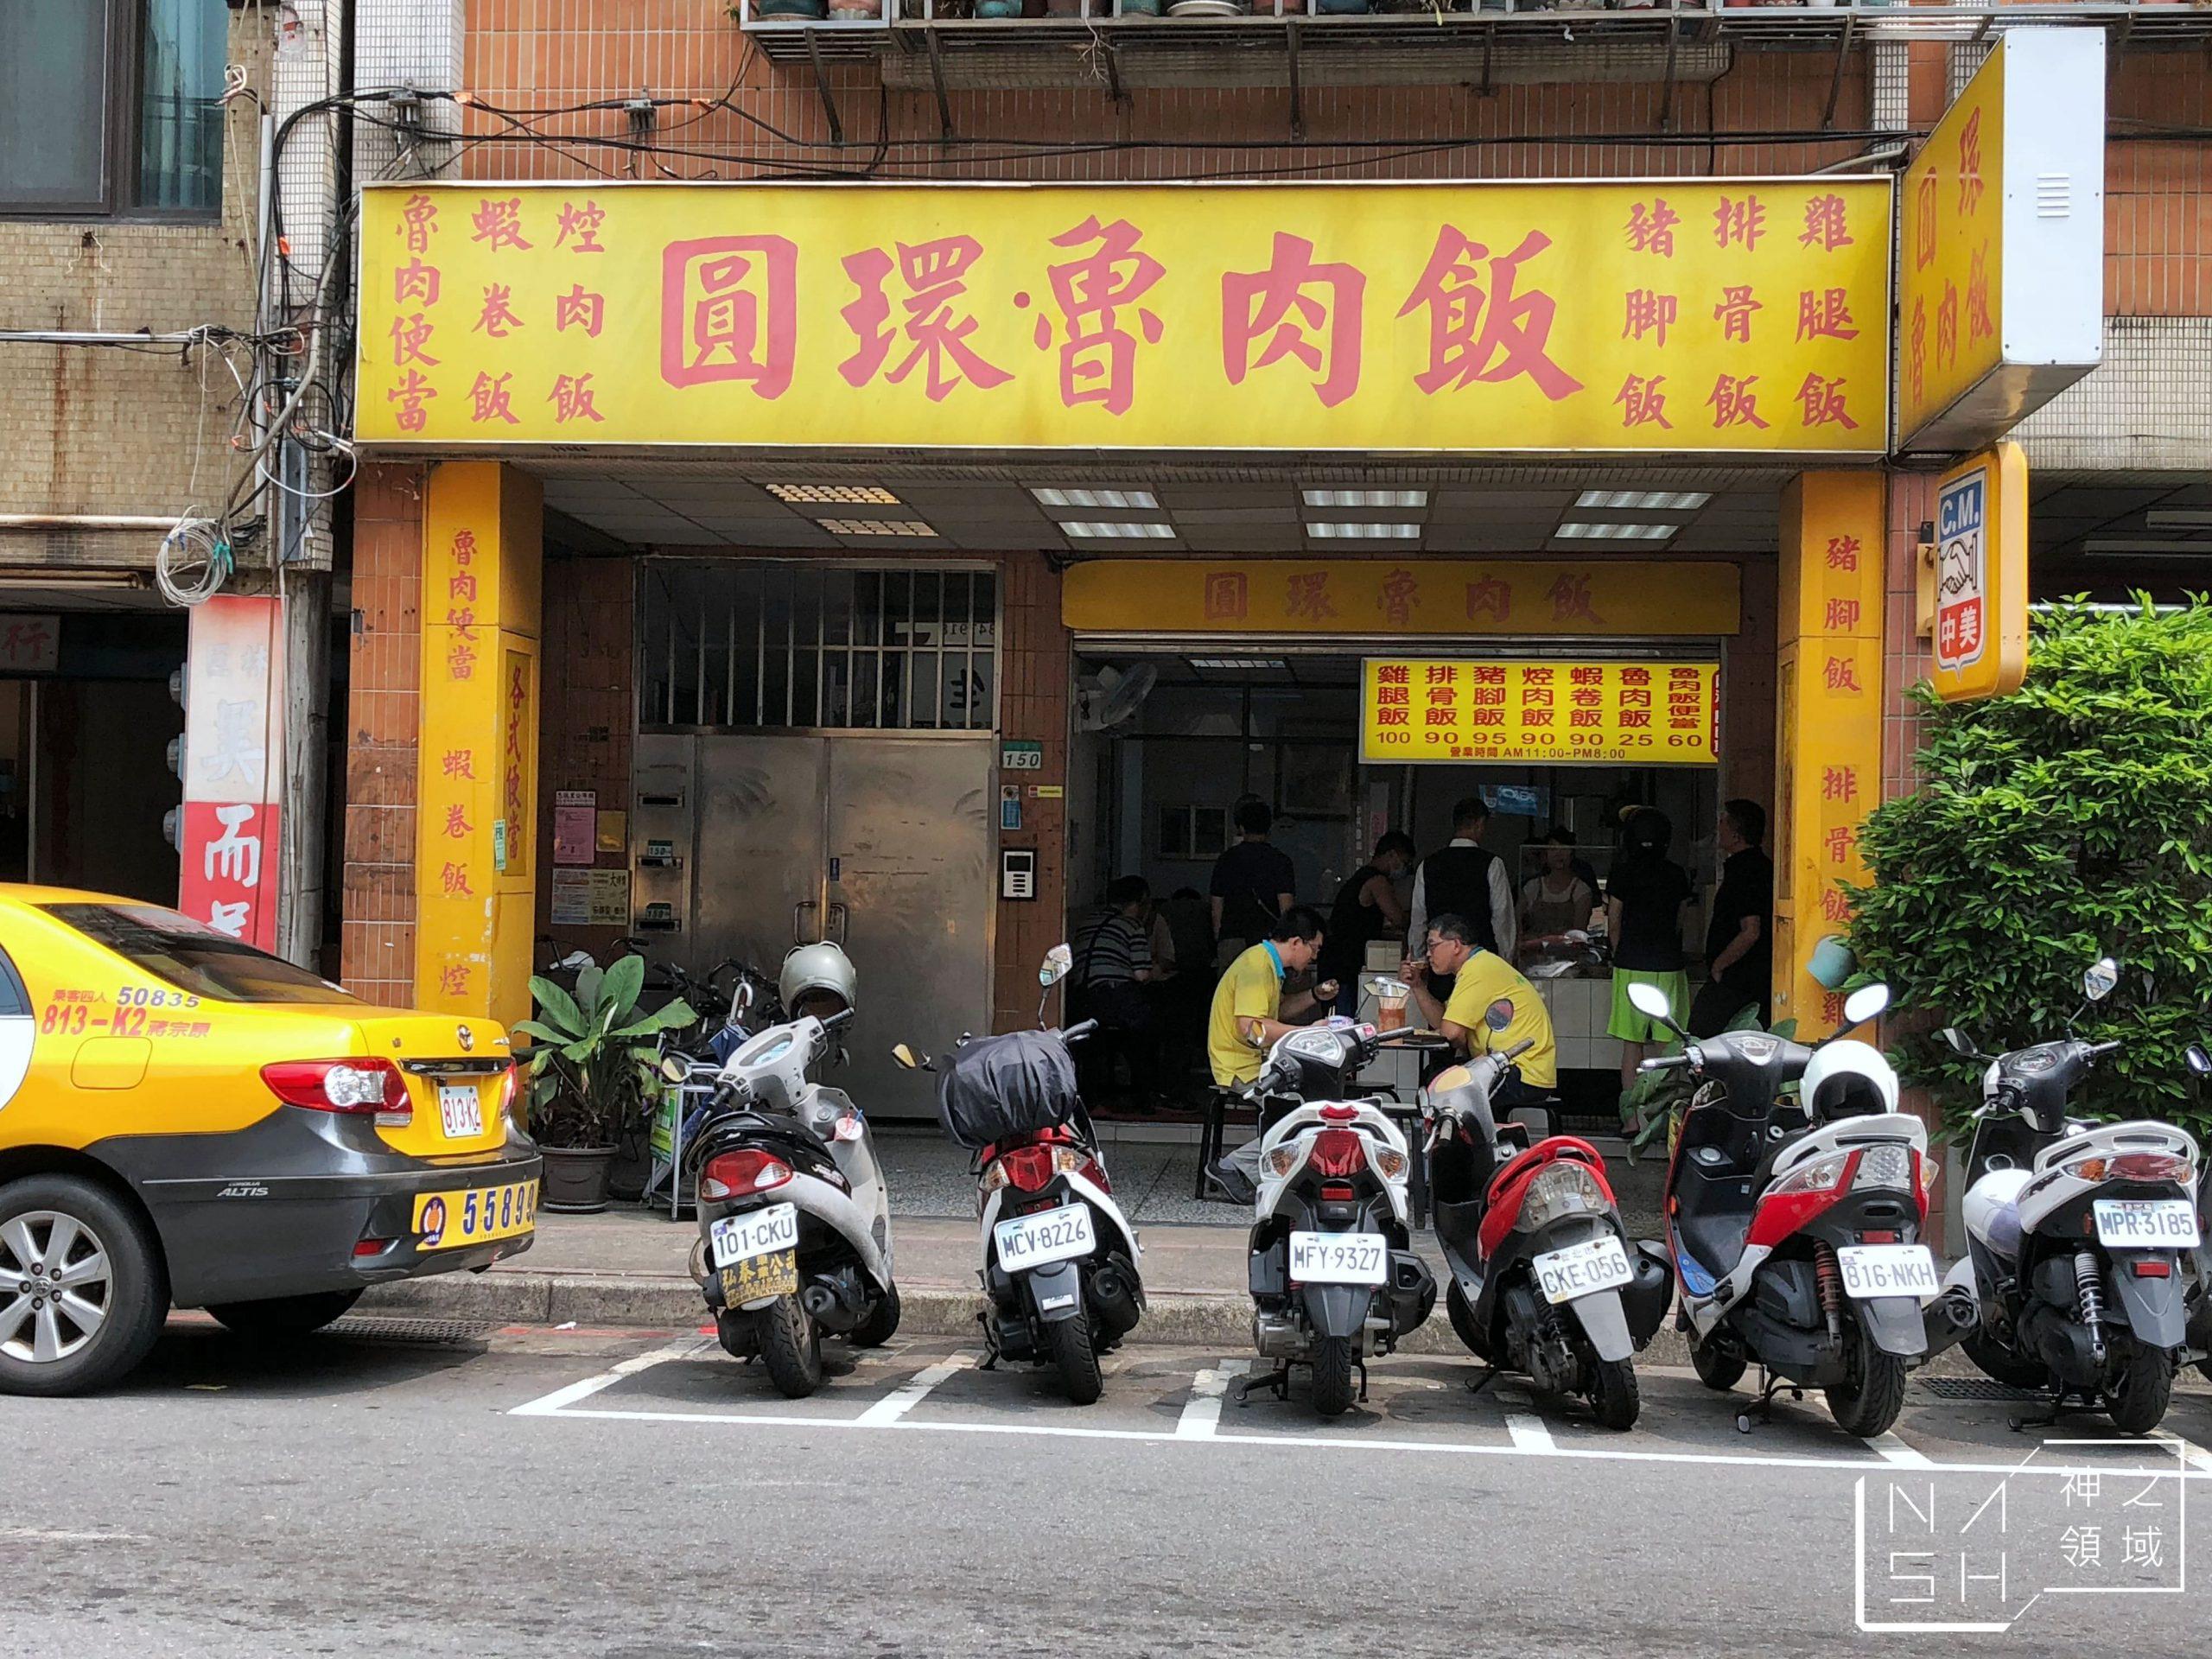 【圓環滷肉飯】天母美食推薦 排隊名店!超級美味的炸雞腿便當